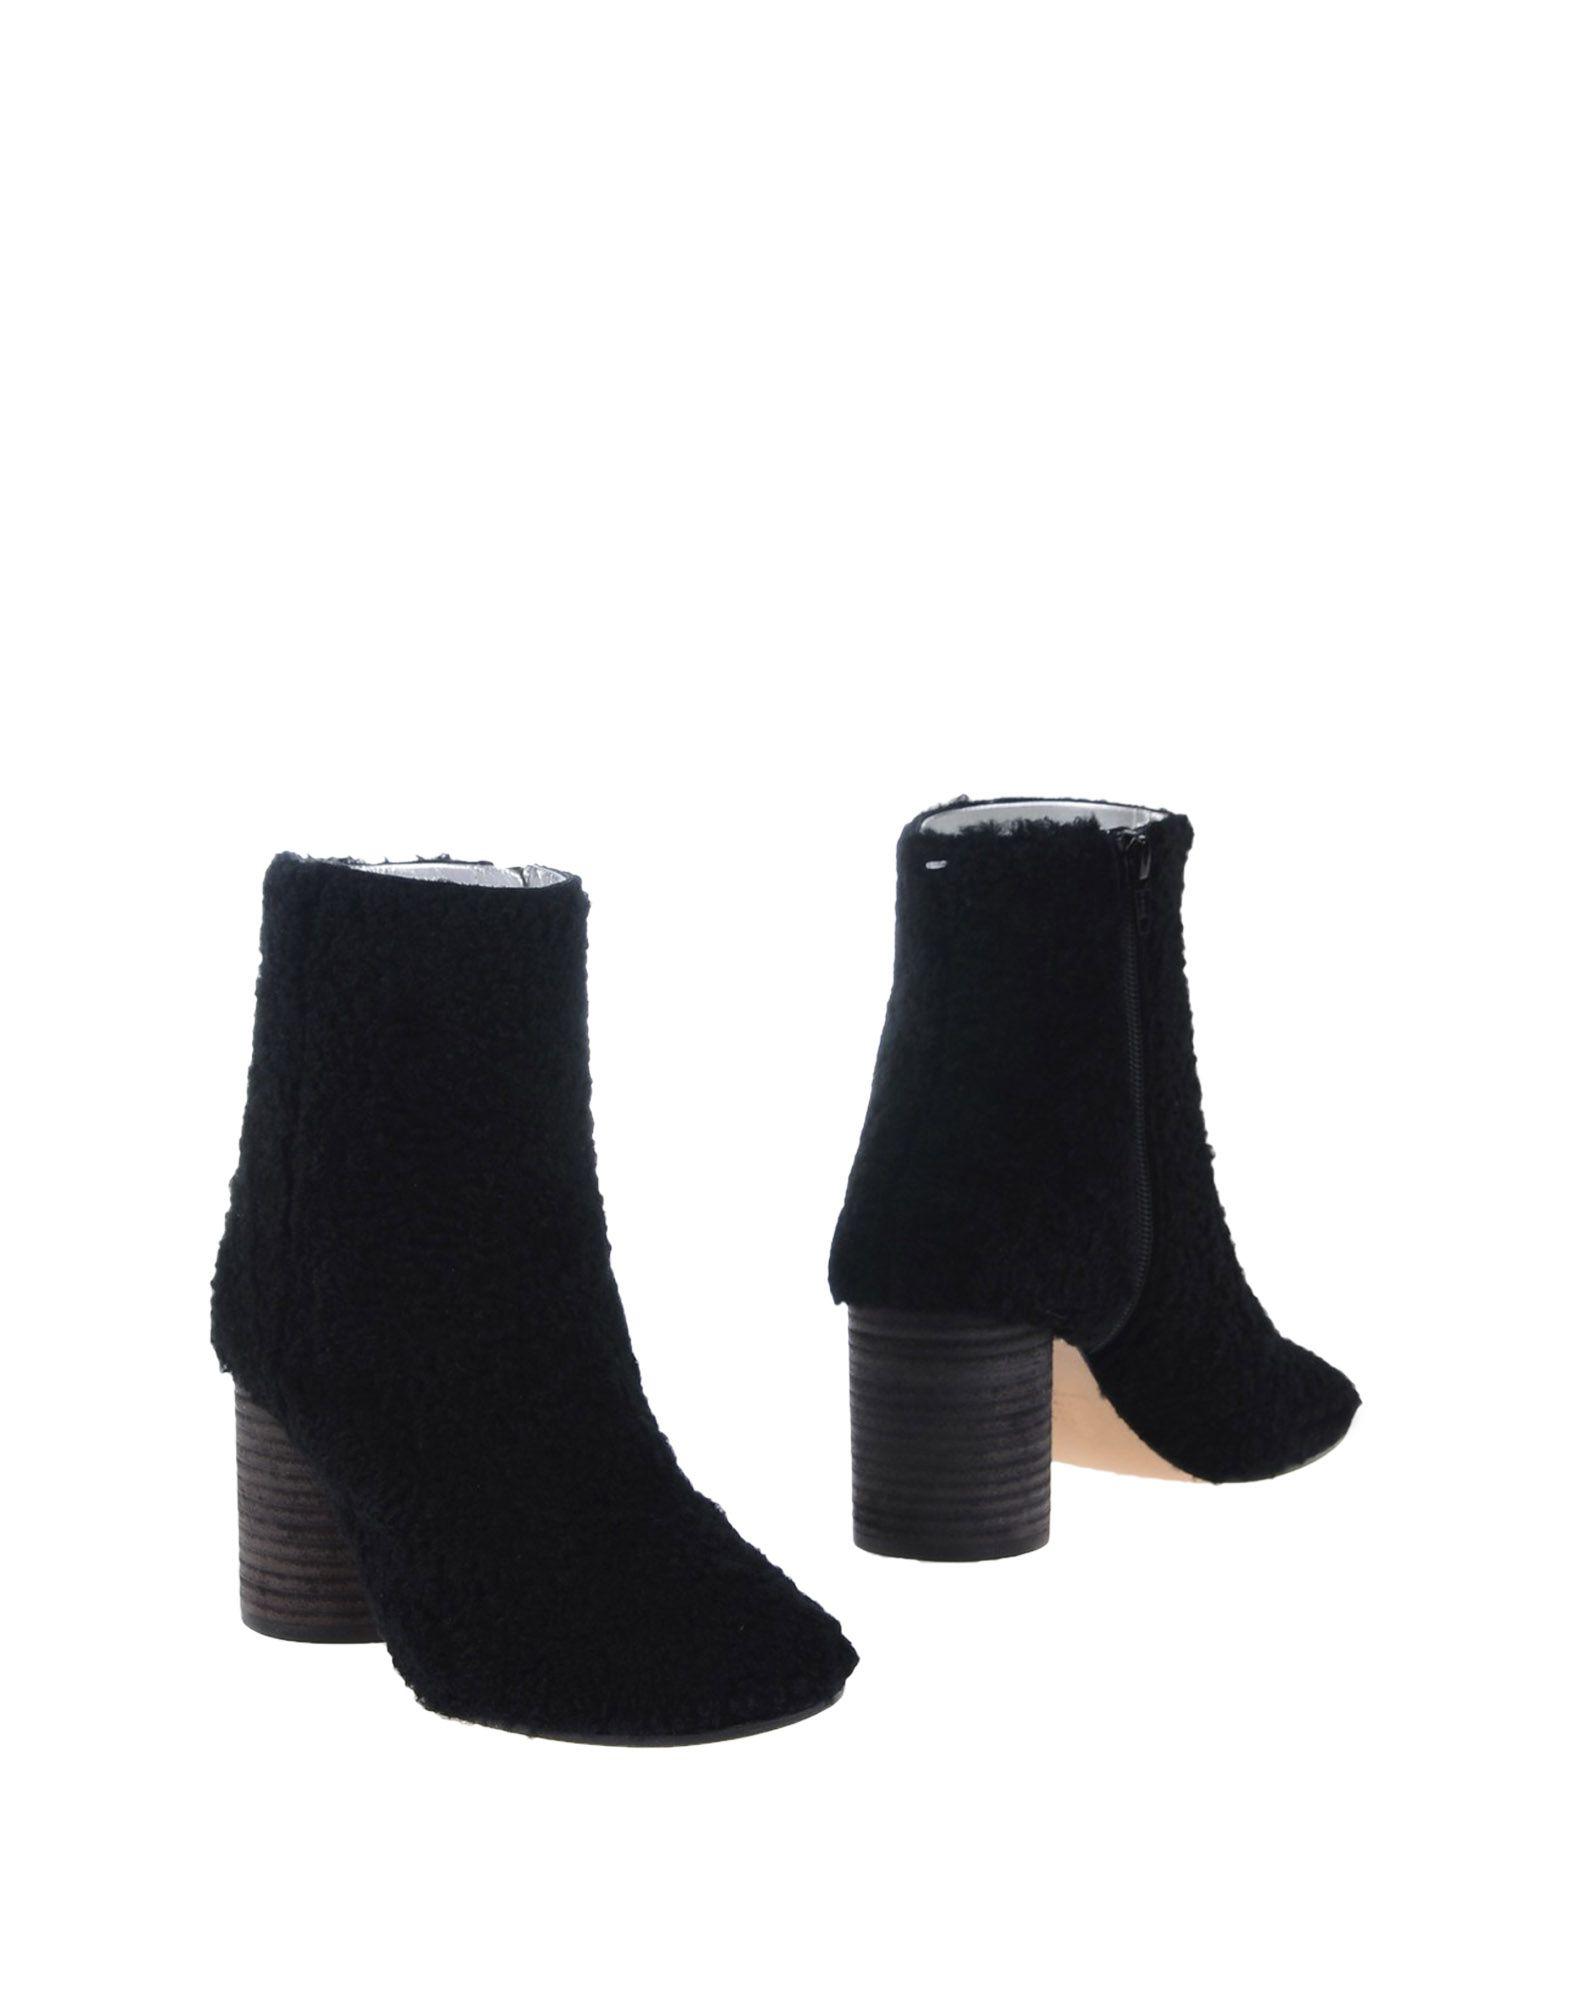 Maison Margiela Stiefelette Damen  11234380ELGünstige gut aussehende Schuhe